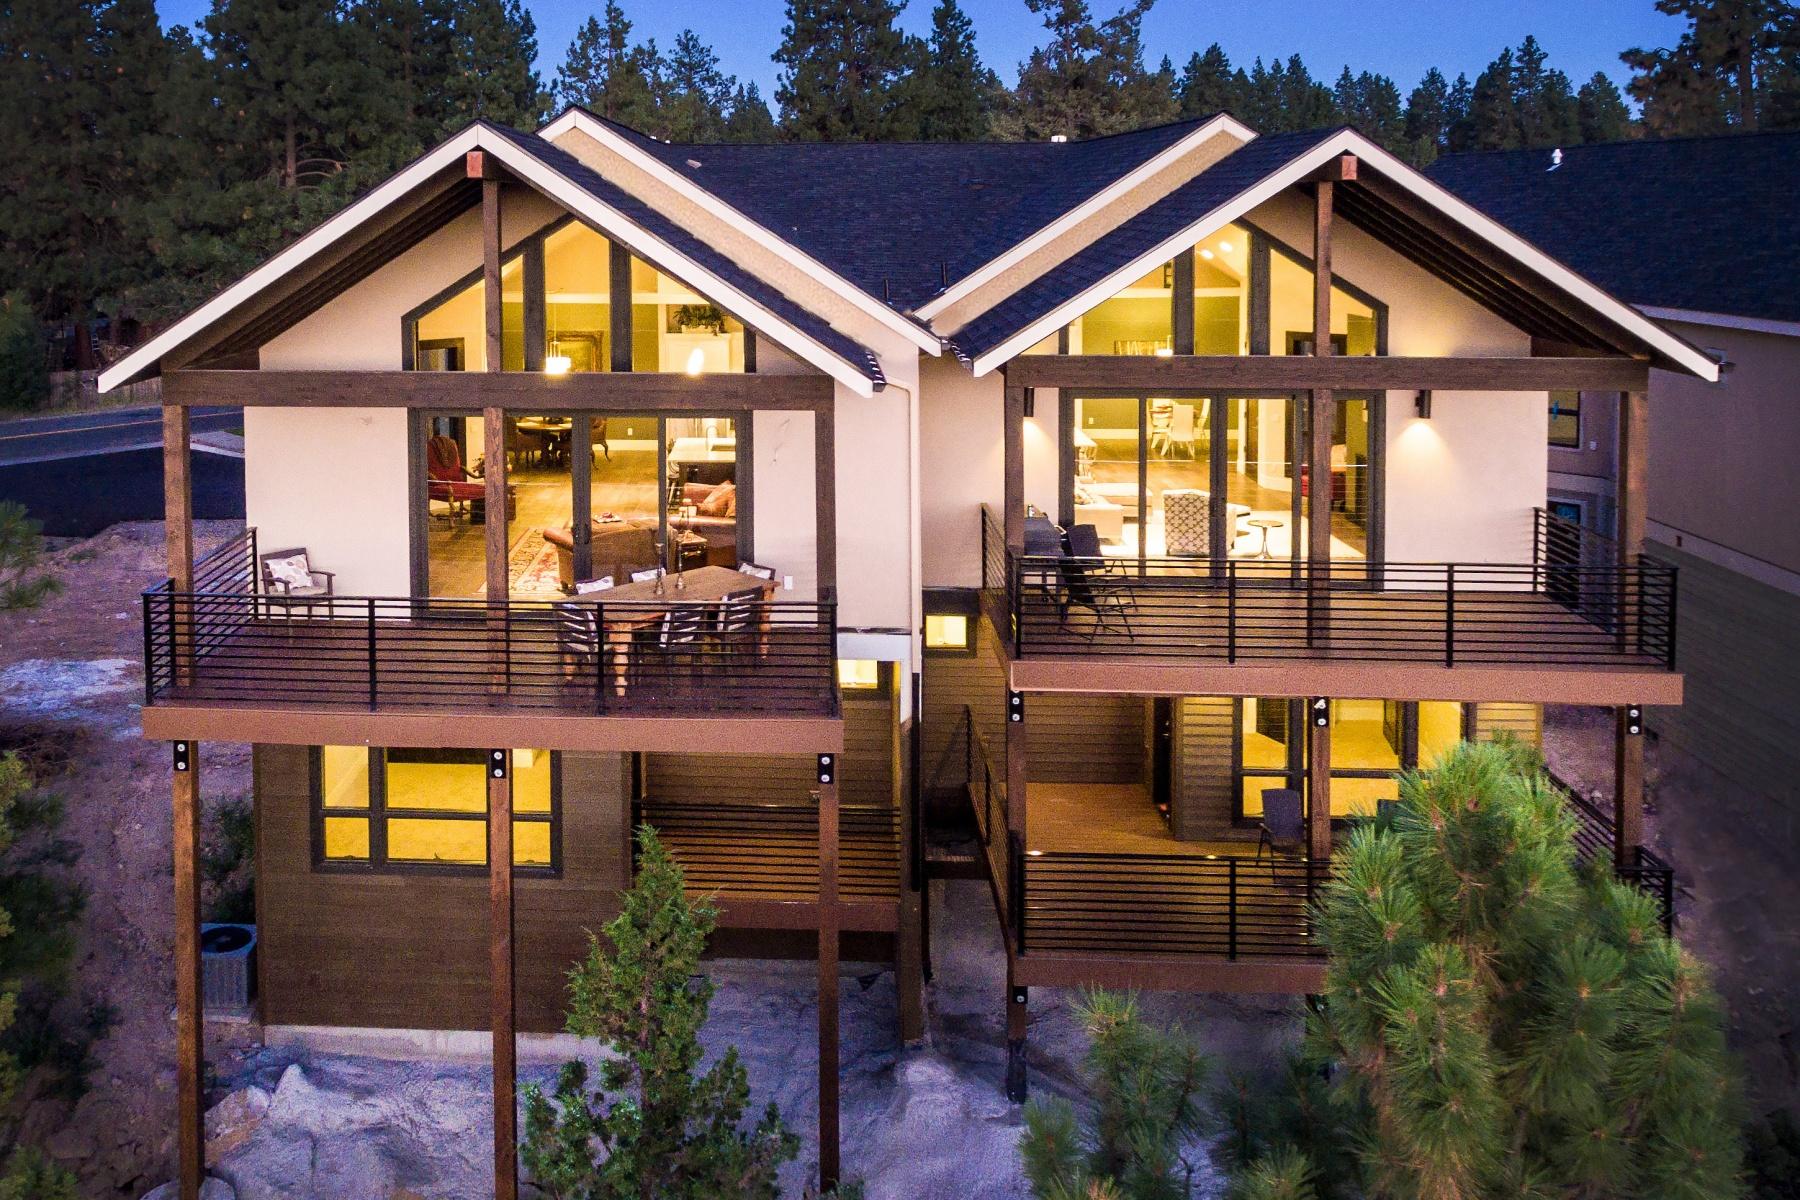 Konak için Satış at SW-New Townhome-Woodriver Ridge 61613 Woodriver Dr Bend, Oregon 97702 Amerika Birleşik Devletleri